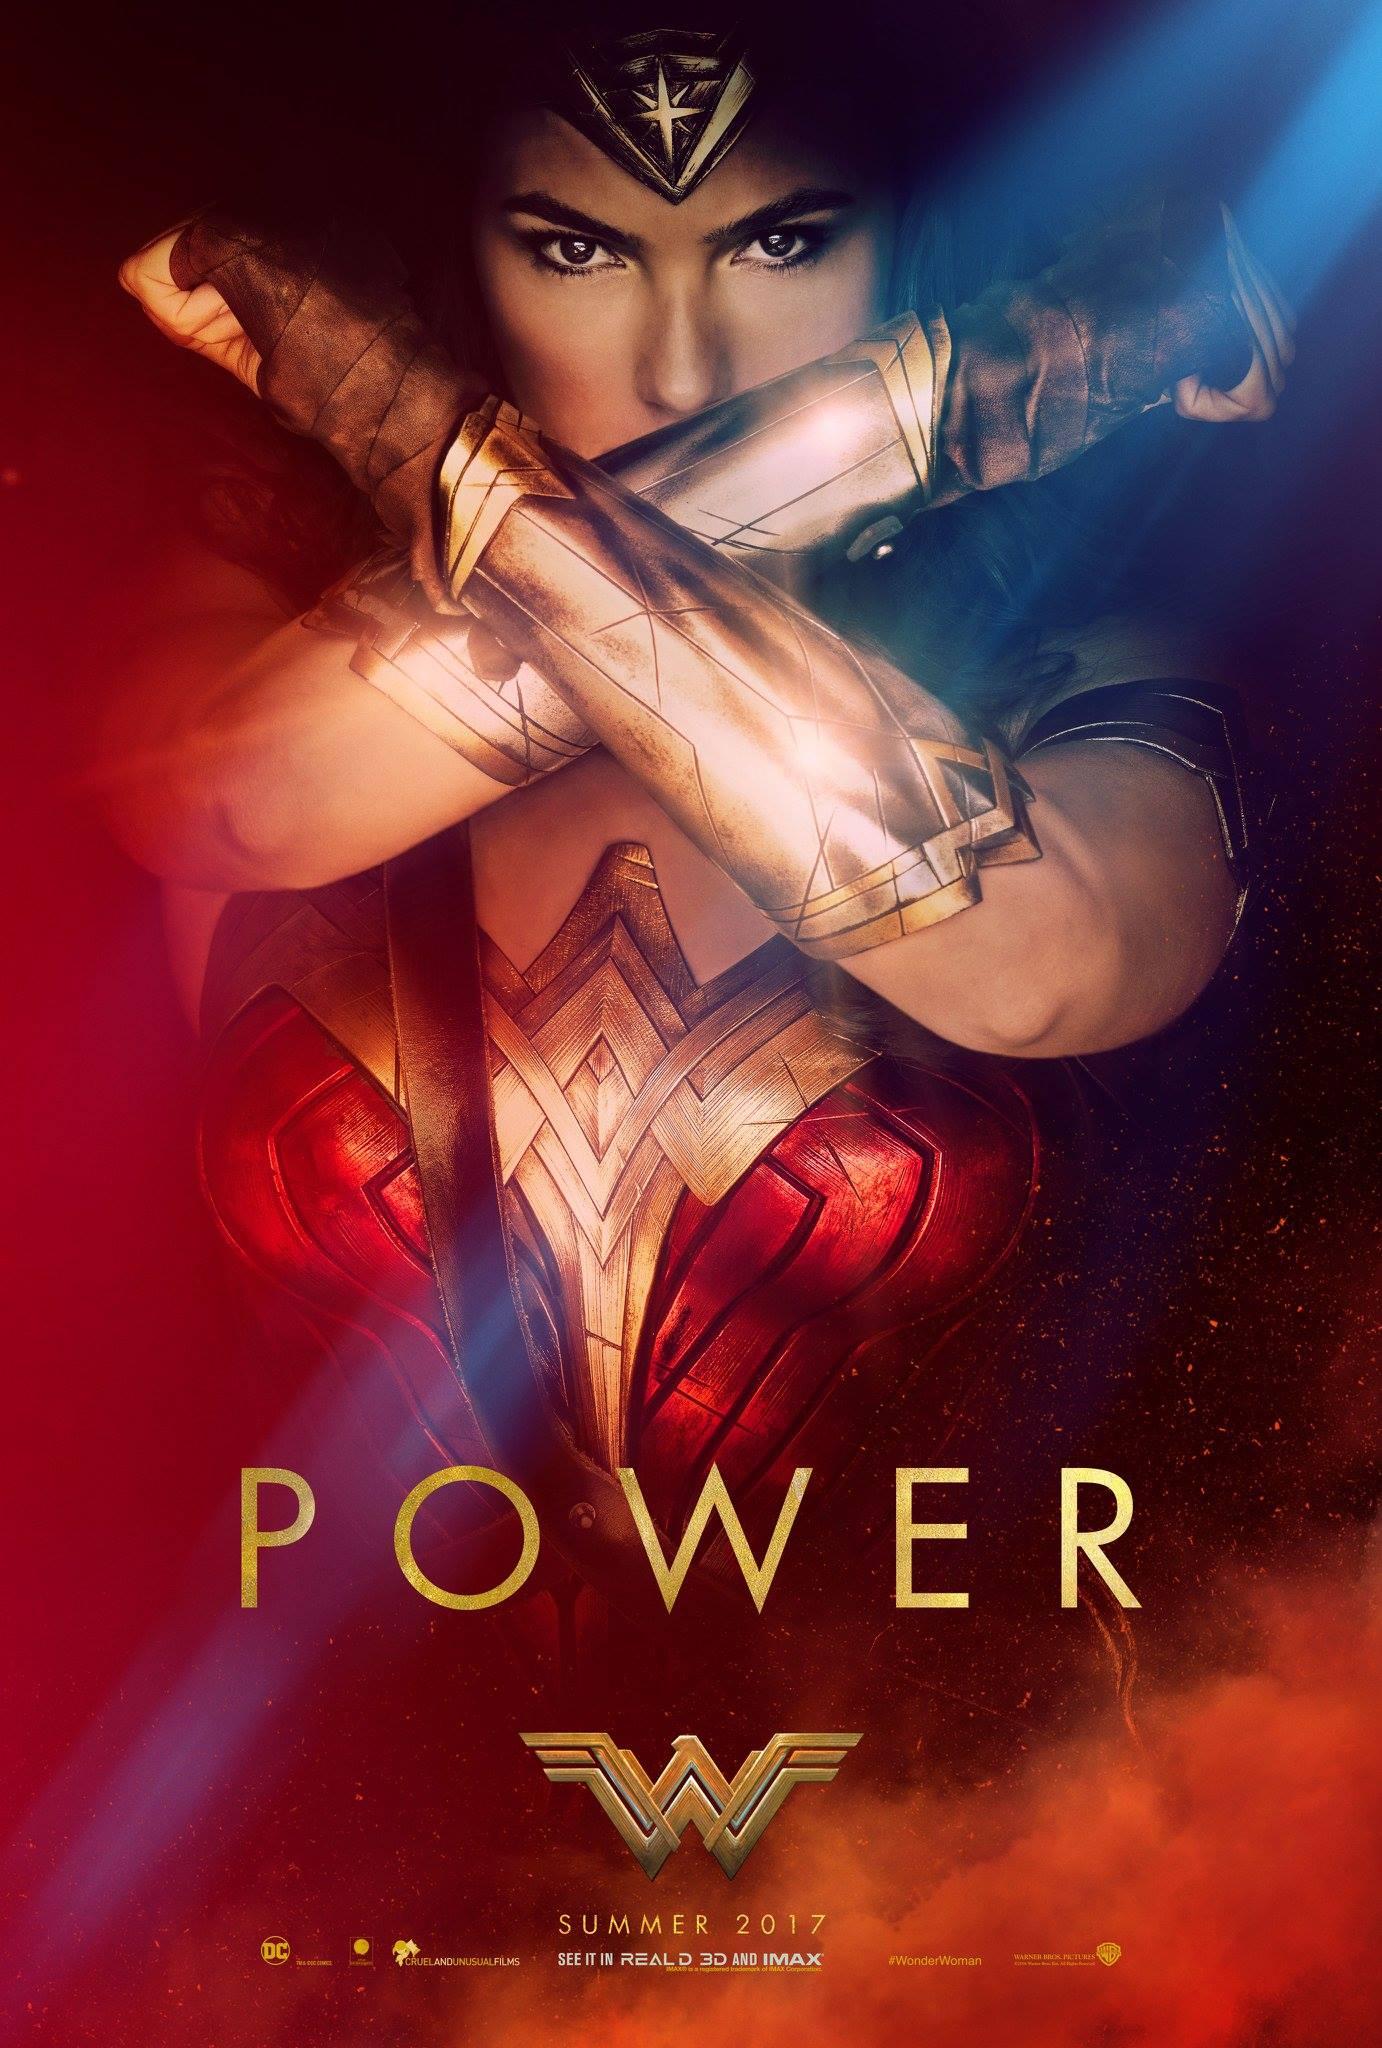 영화 원더우먼 (Wonder Woman , 2017) 명대사 / 해석 / 예고